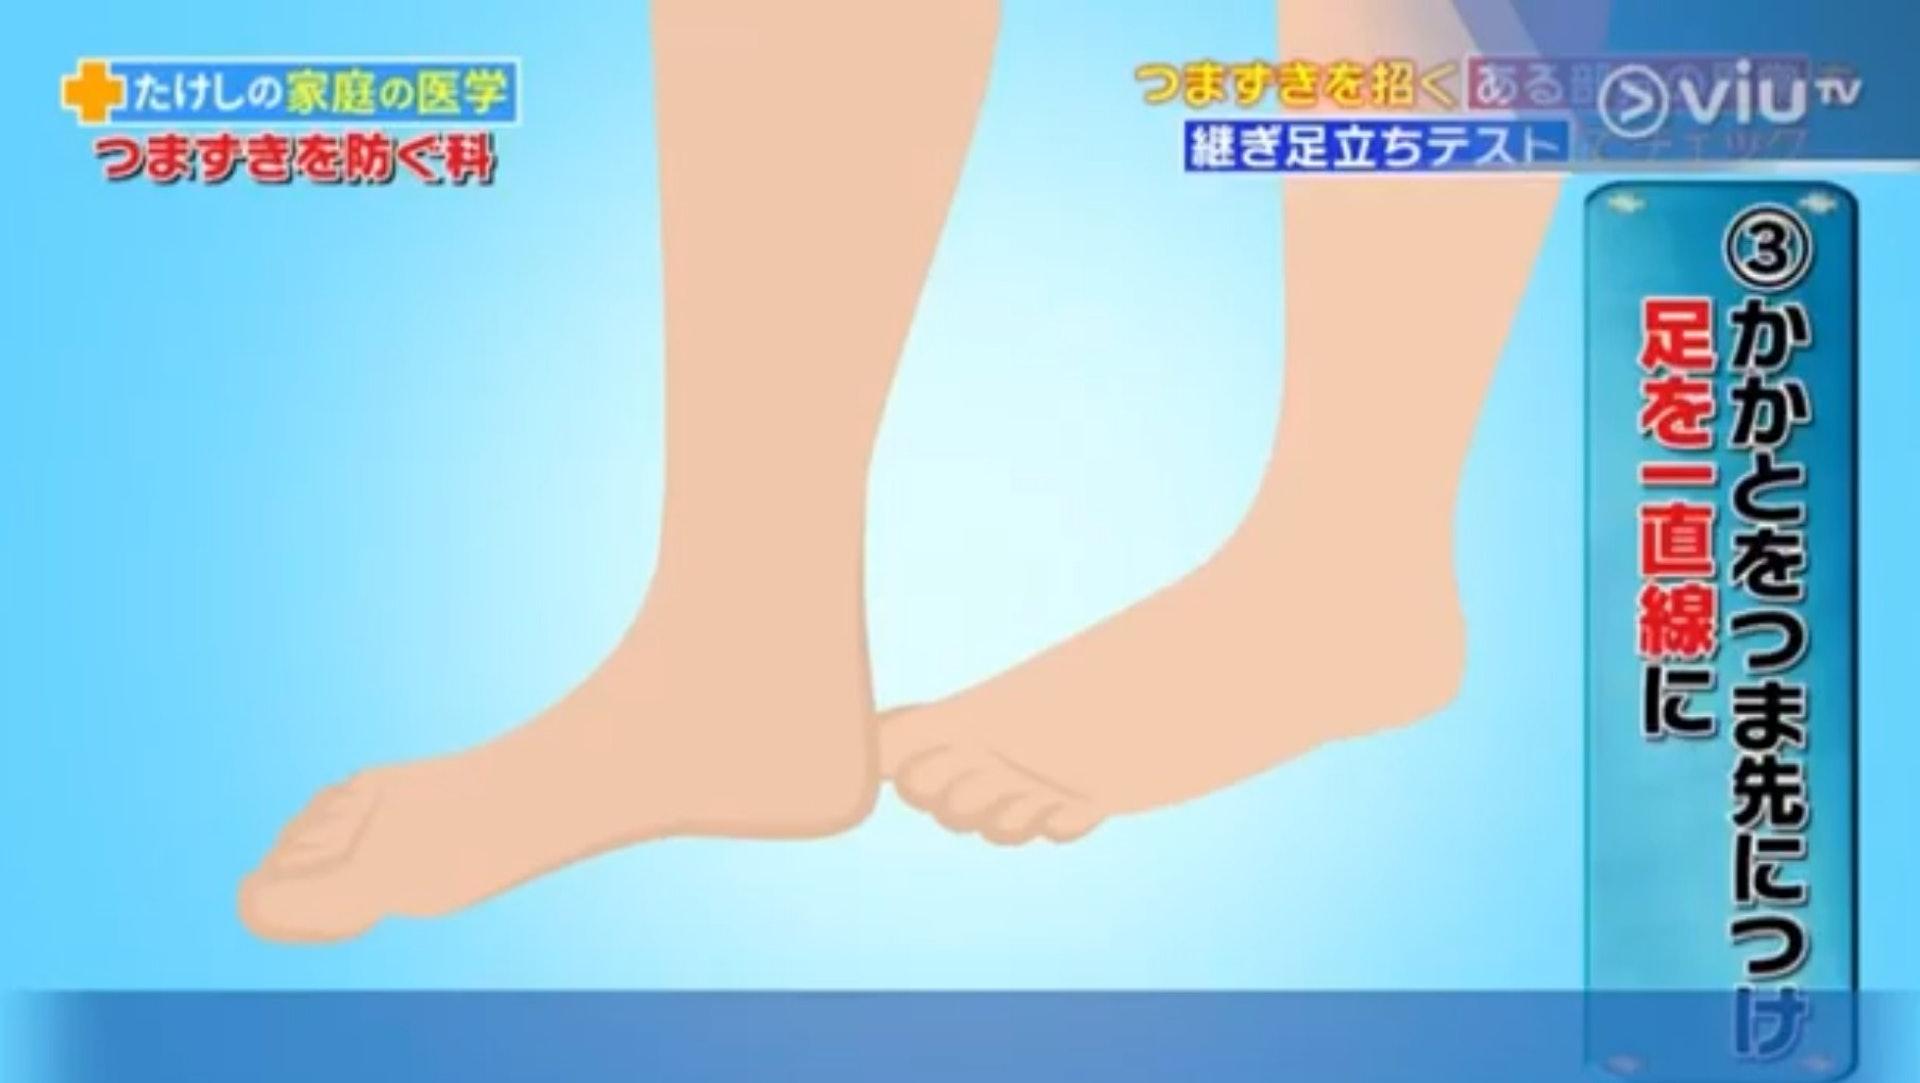 2. 把其中一隻腳放在另一隻腳的正前方,腳跟碰着腳尖,兩腳需呈直線。(viu TV《恐怖醫學》電視截圖)